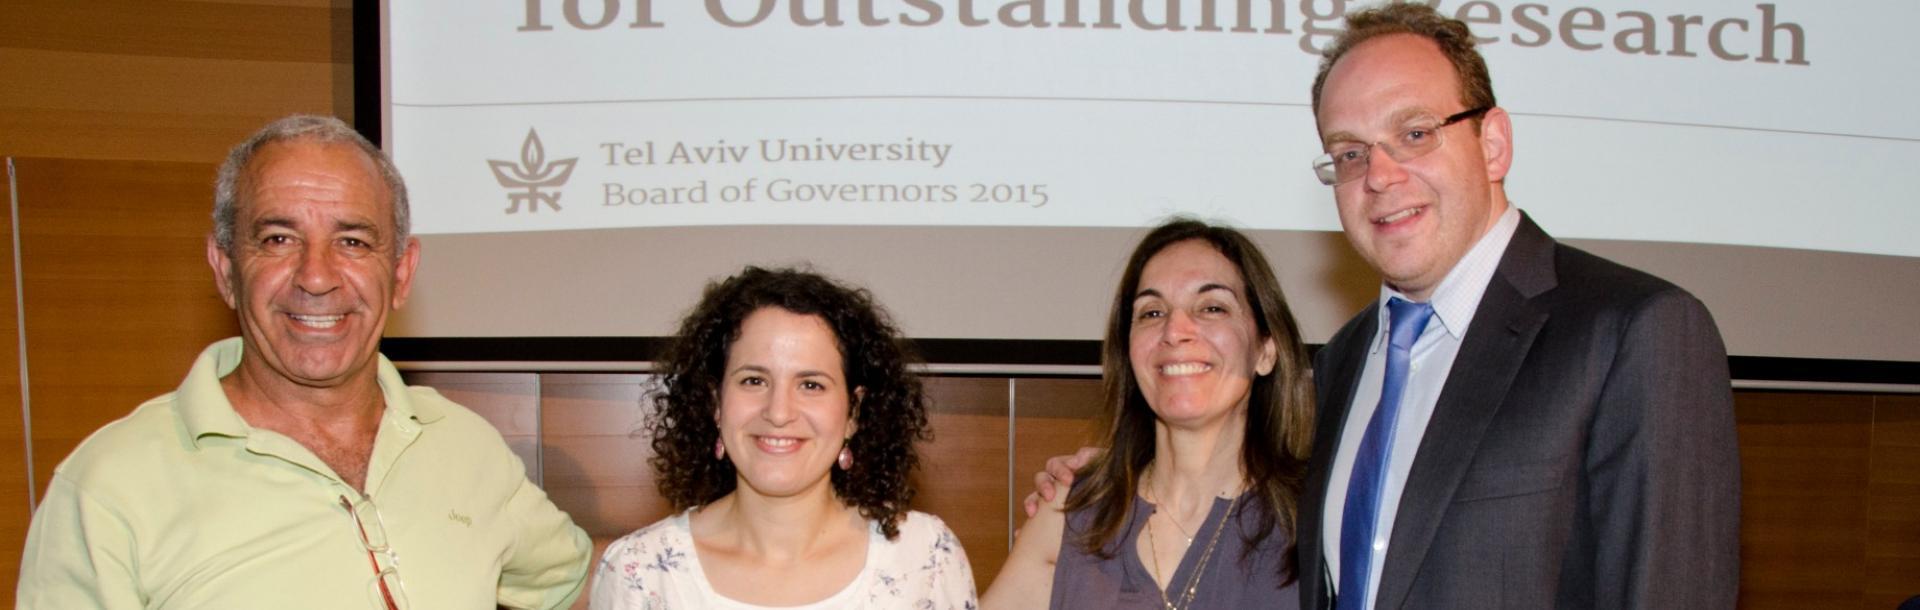 Kadar Family Award for Outstanding Research